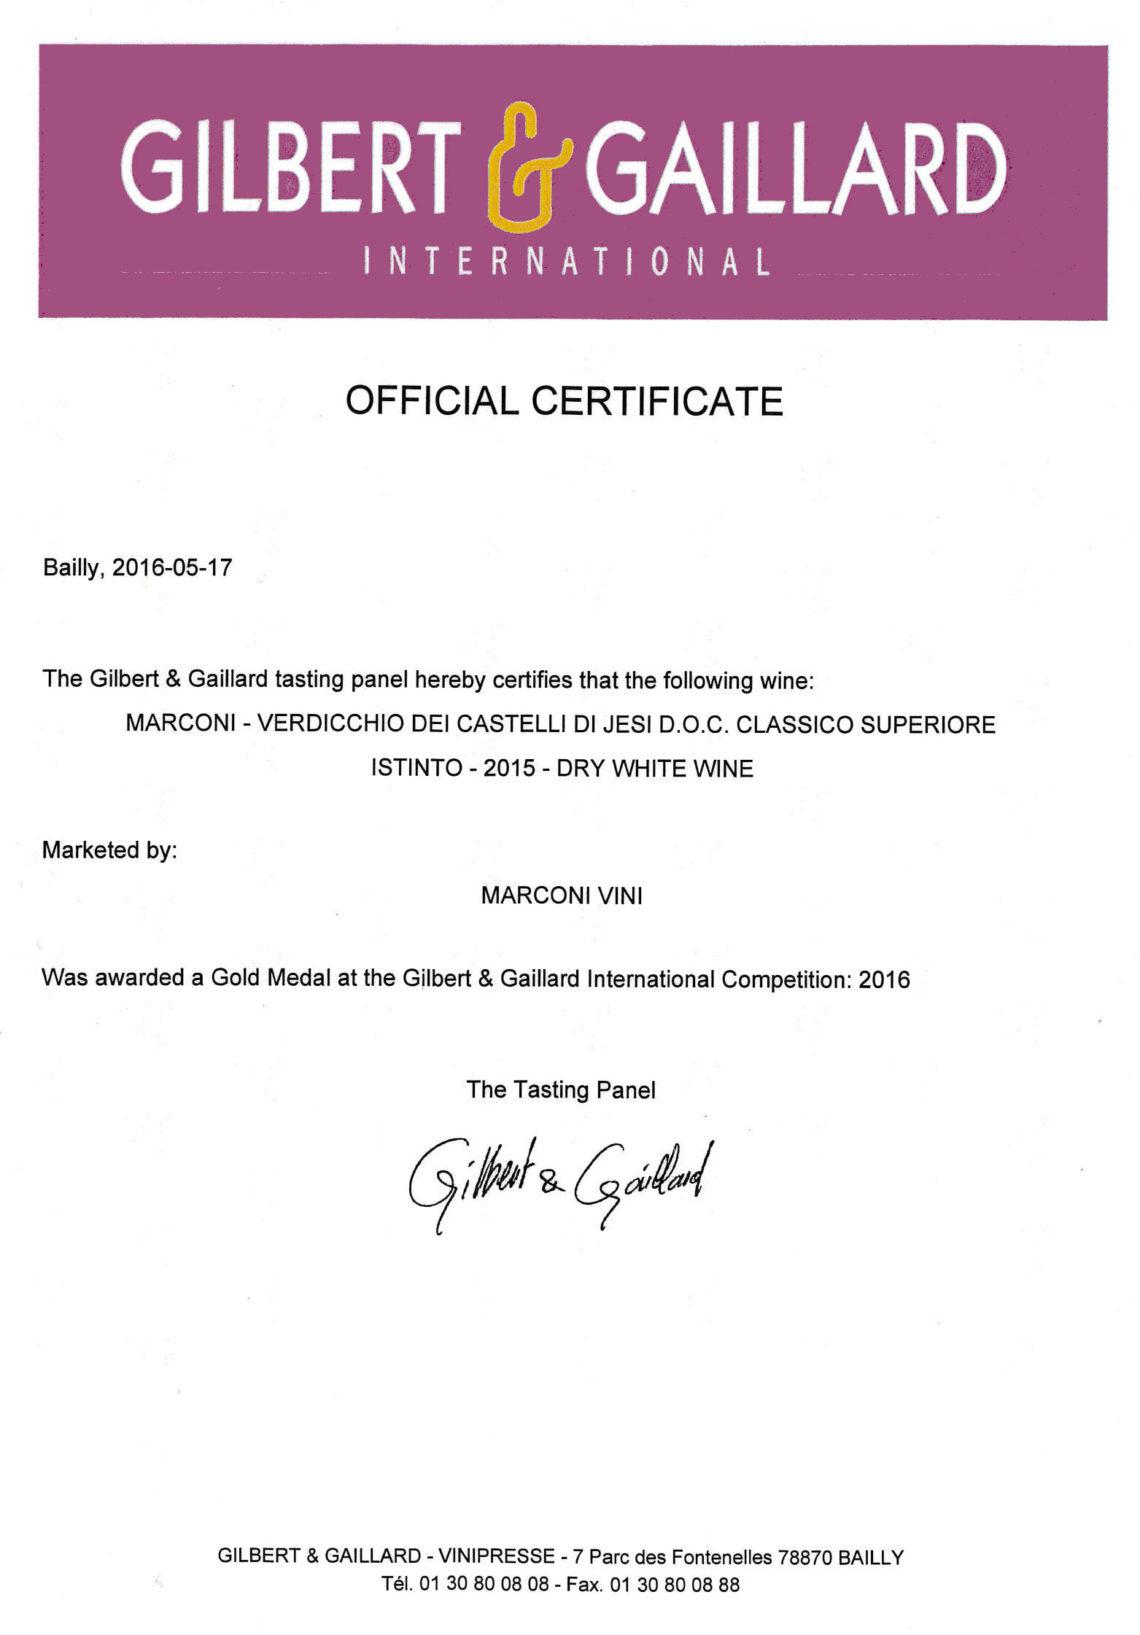 Marconi Vini - Verdicchio dei Castelli di Jesi Classico Superiore 2015 - Istinto - Gold - Gilbert & Gaillard International 2016